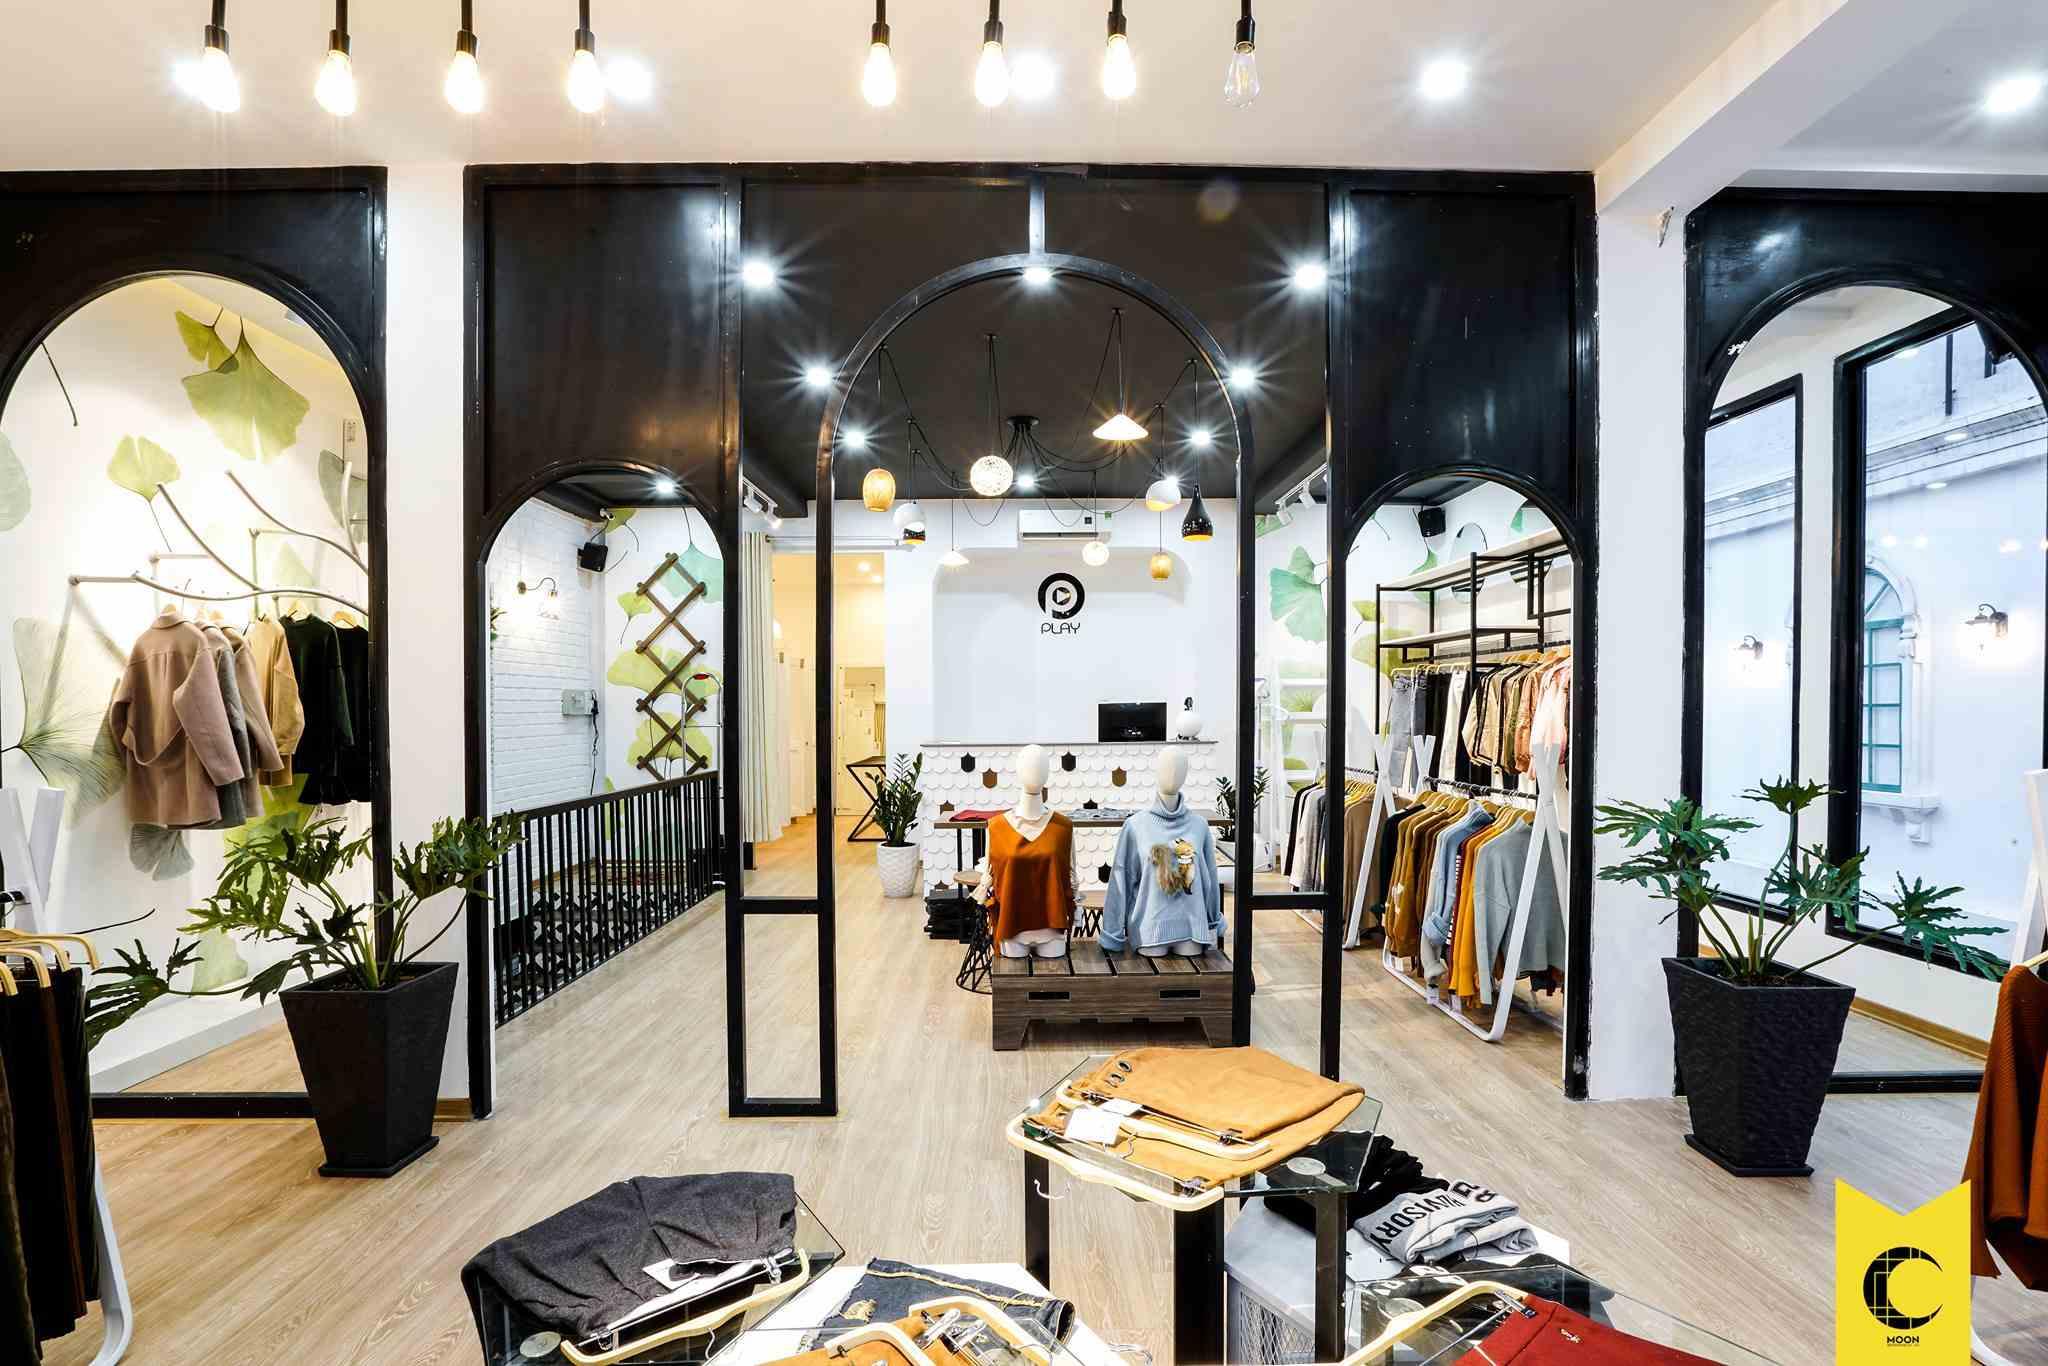 Quản lý cửa hàng nhàn tênh với phần mềm quản lý Shop thời trang Sapo